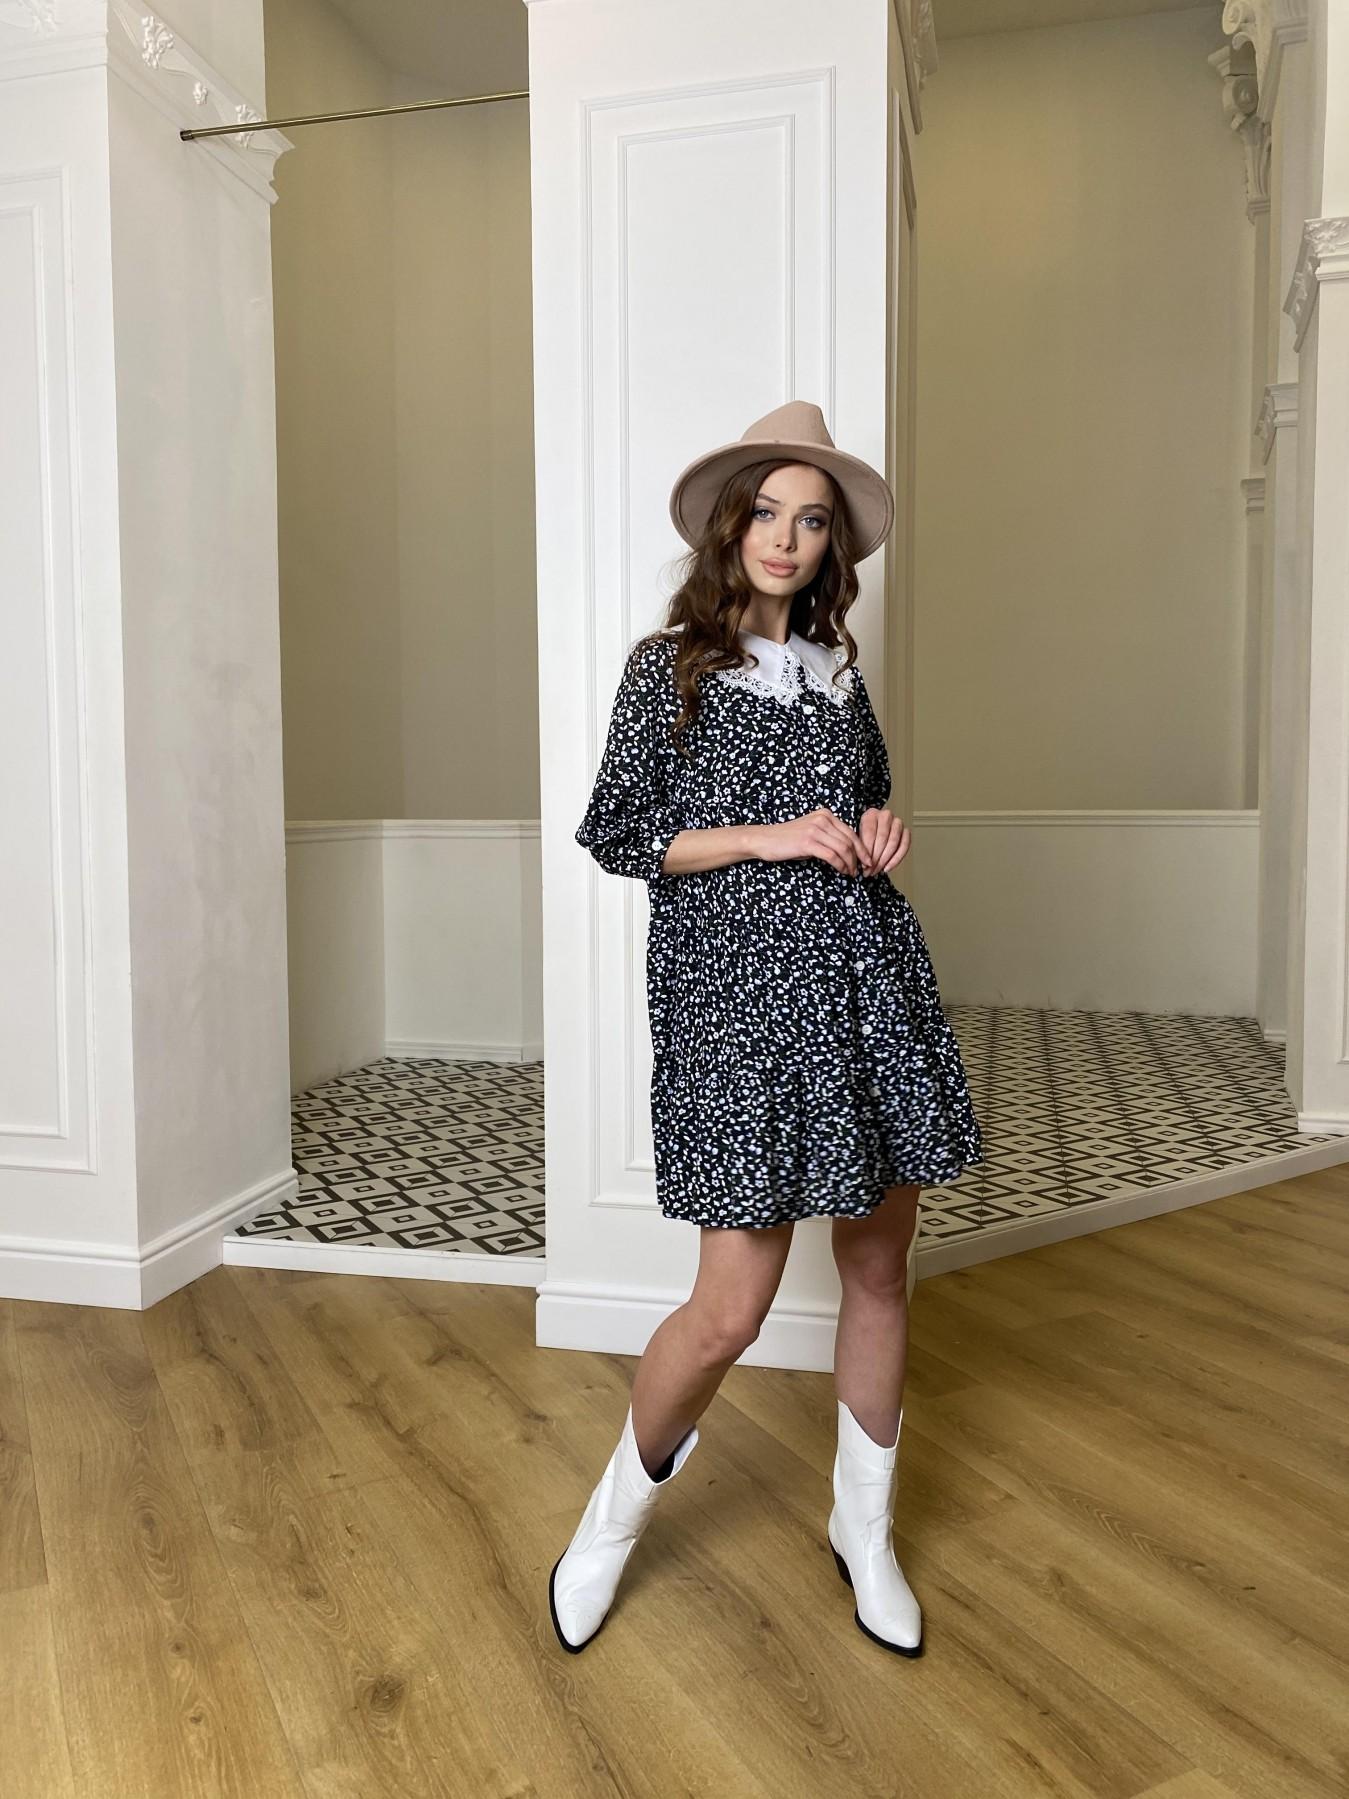 Берри штапель принт платье 10872 АРТ. 47342 Цвет: Цветы мел черн/бел/гол - фото 3, интернет магазин tm-modus.ru